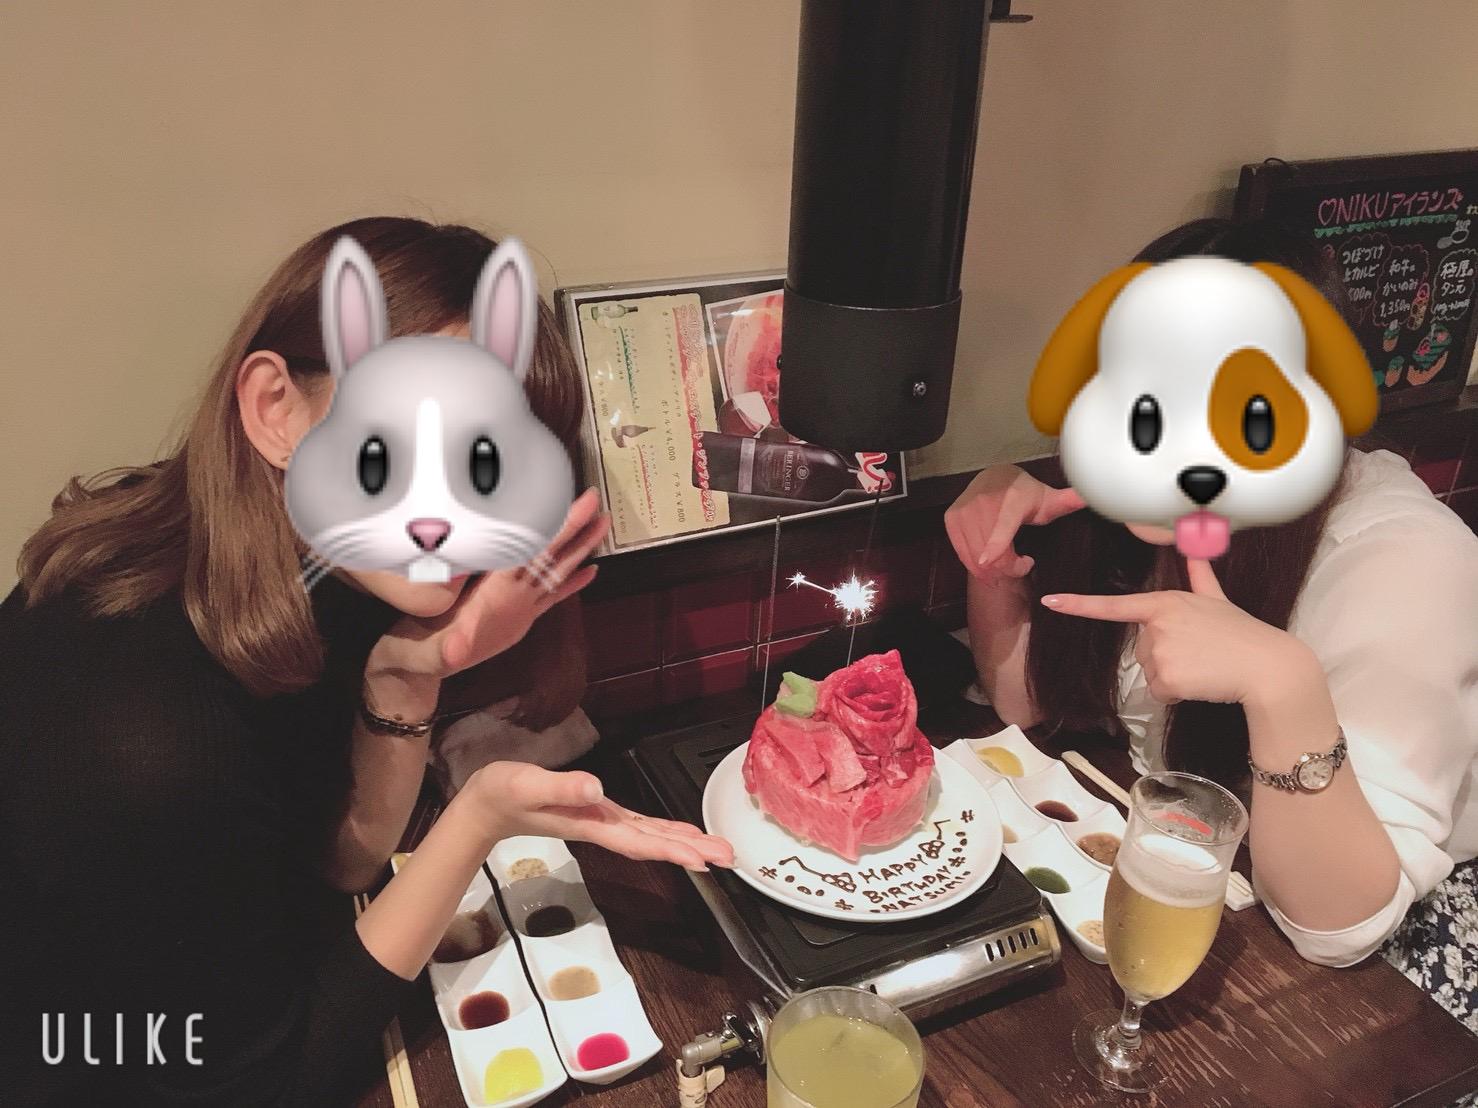 恵比寿ニクアザブの誕生日サプライズの肉ケーキの画像